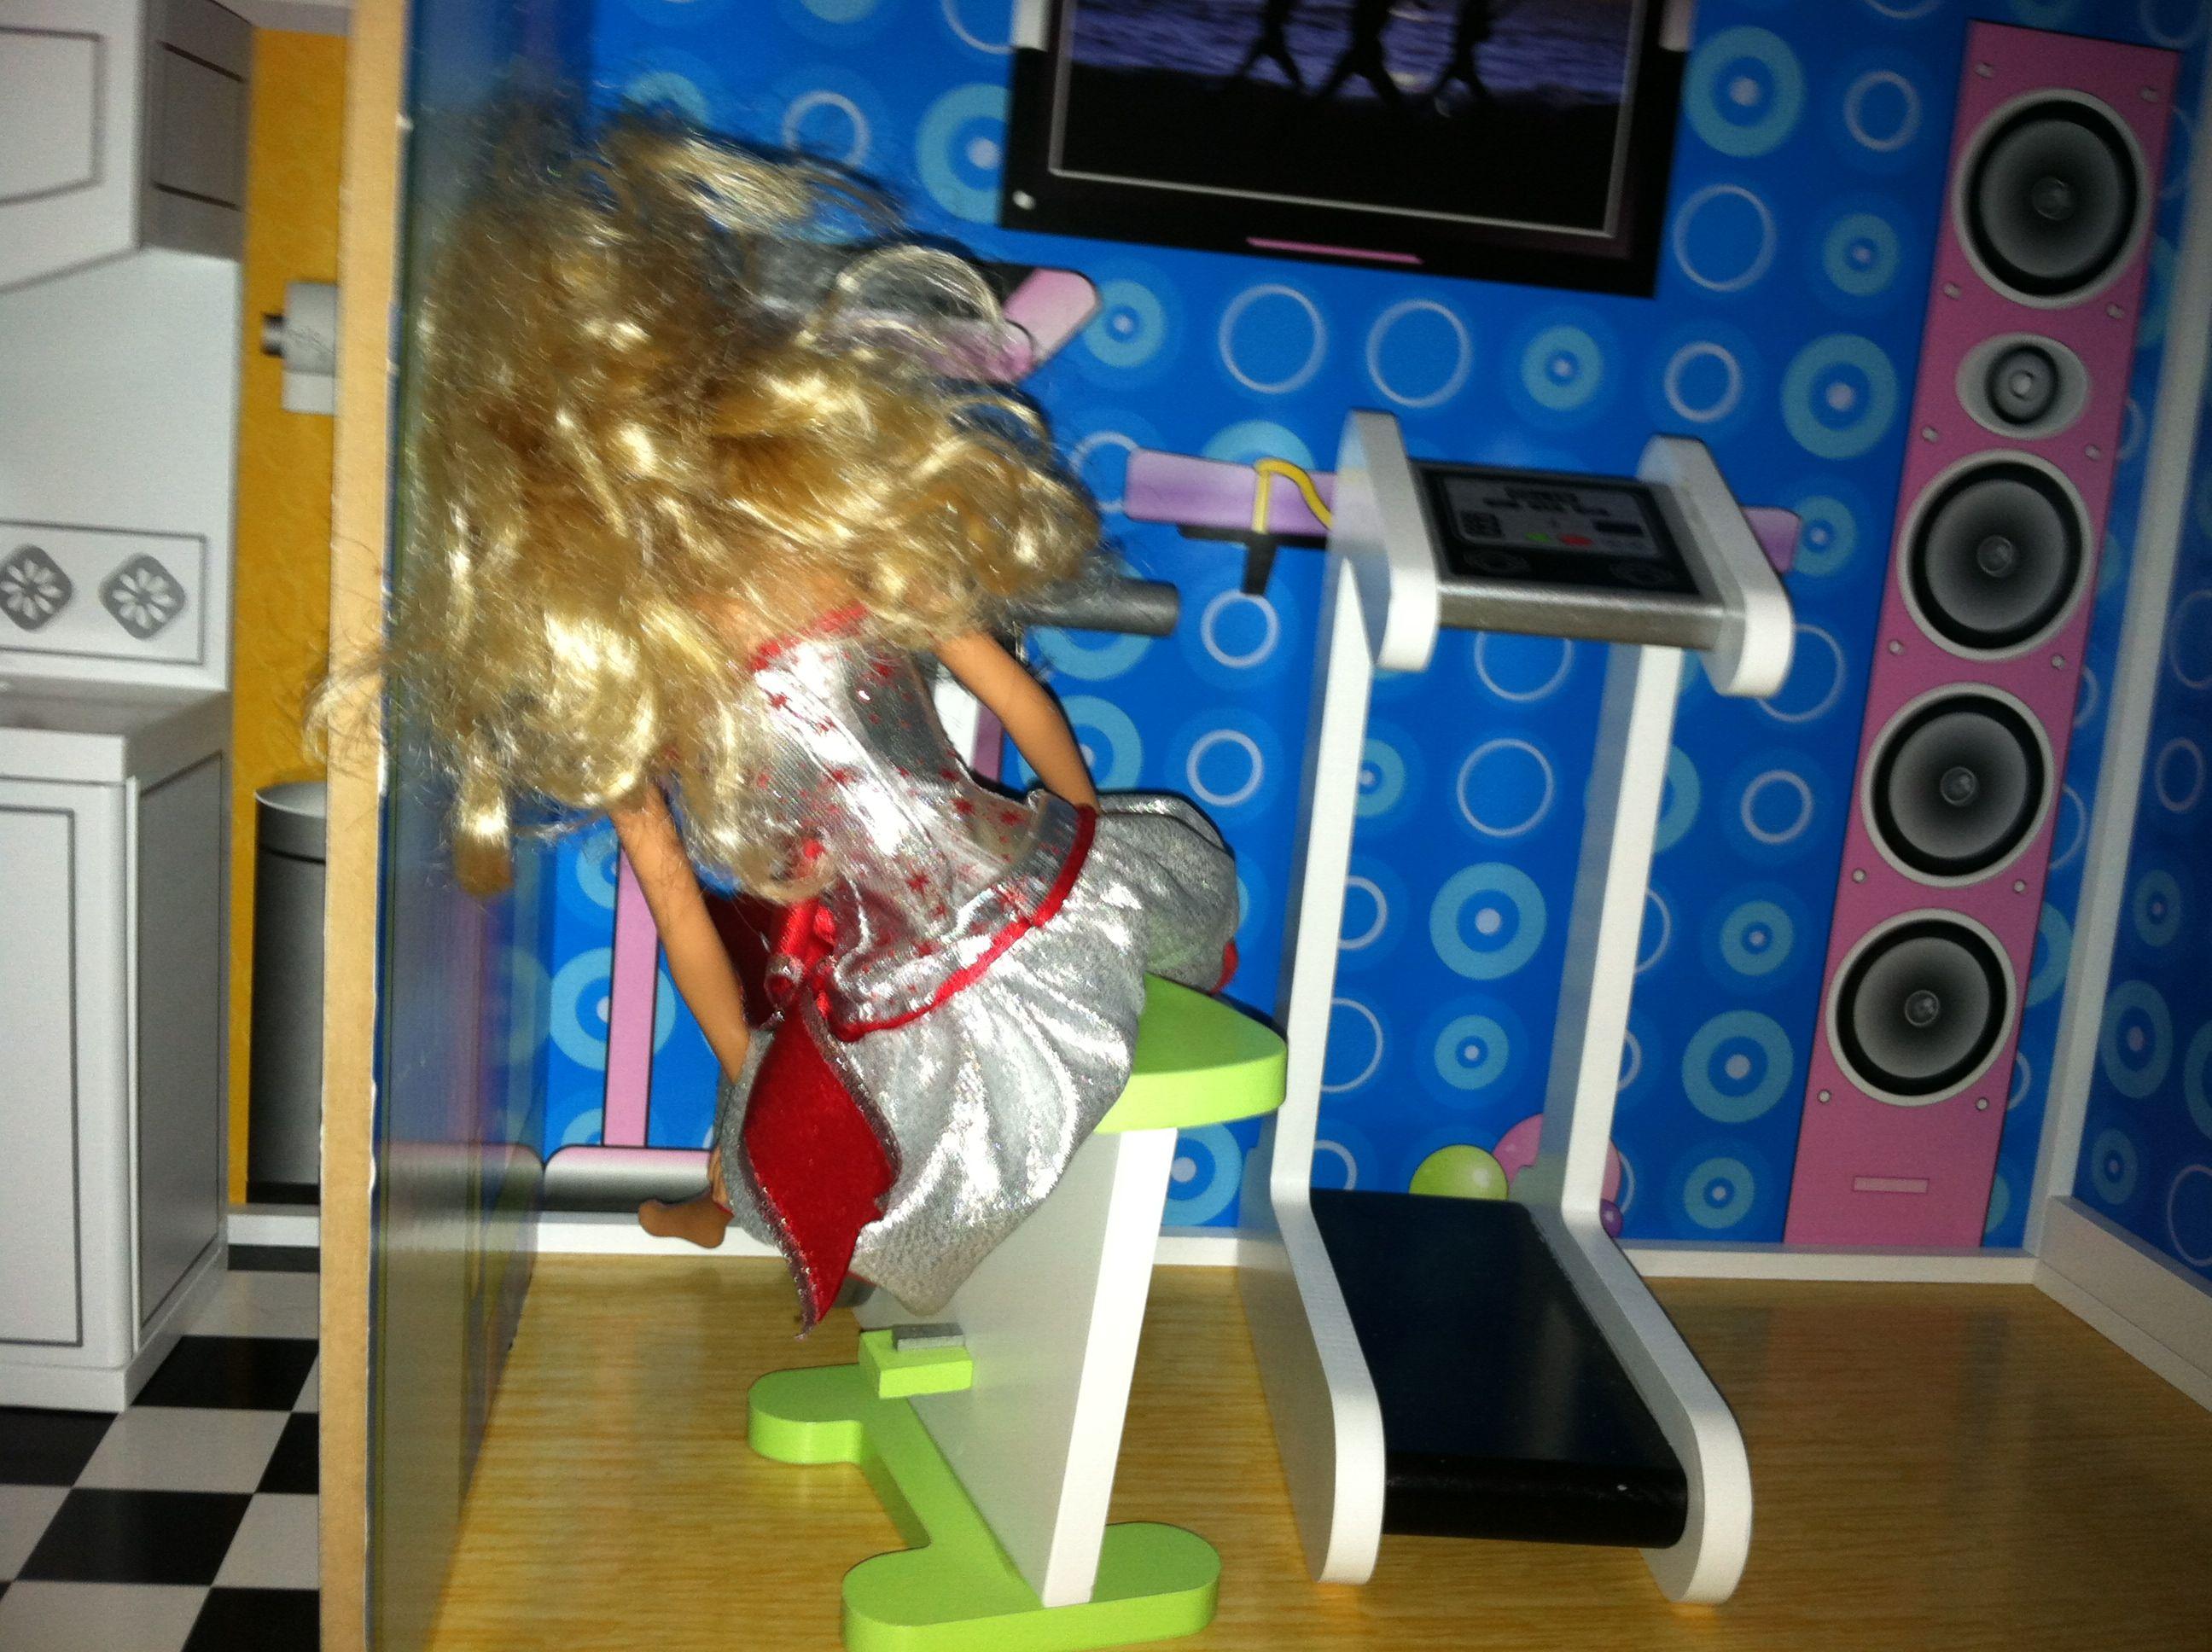 barbie treadmill